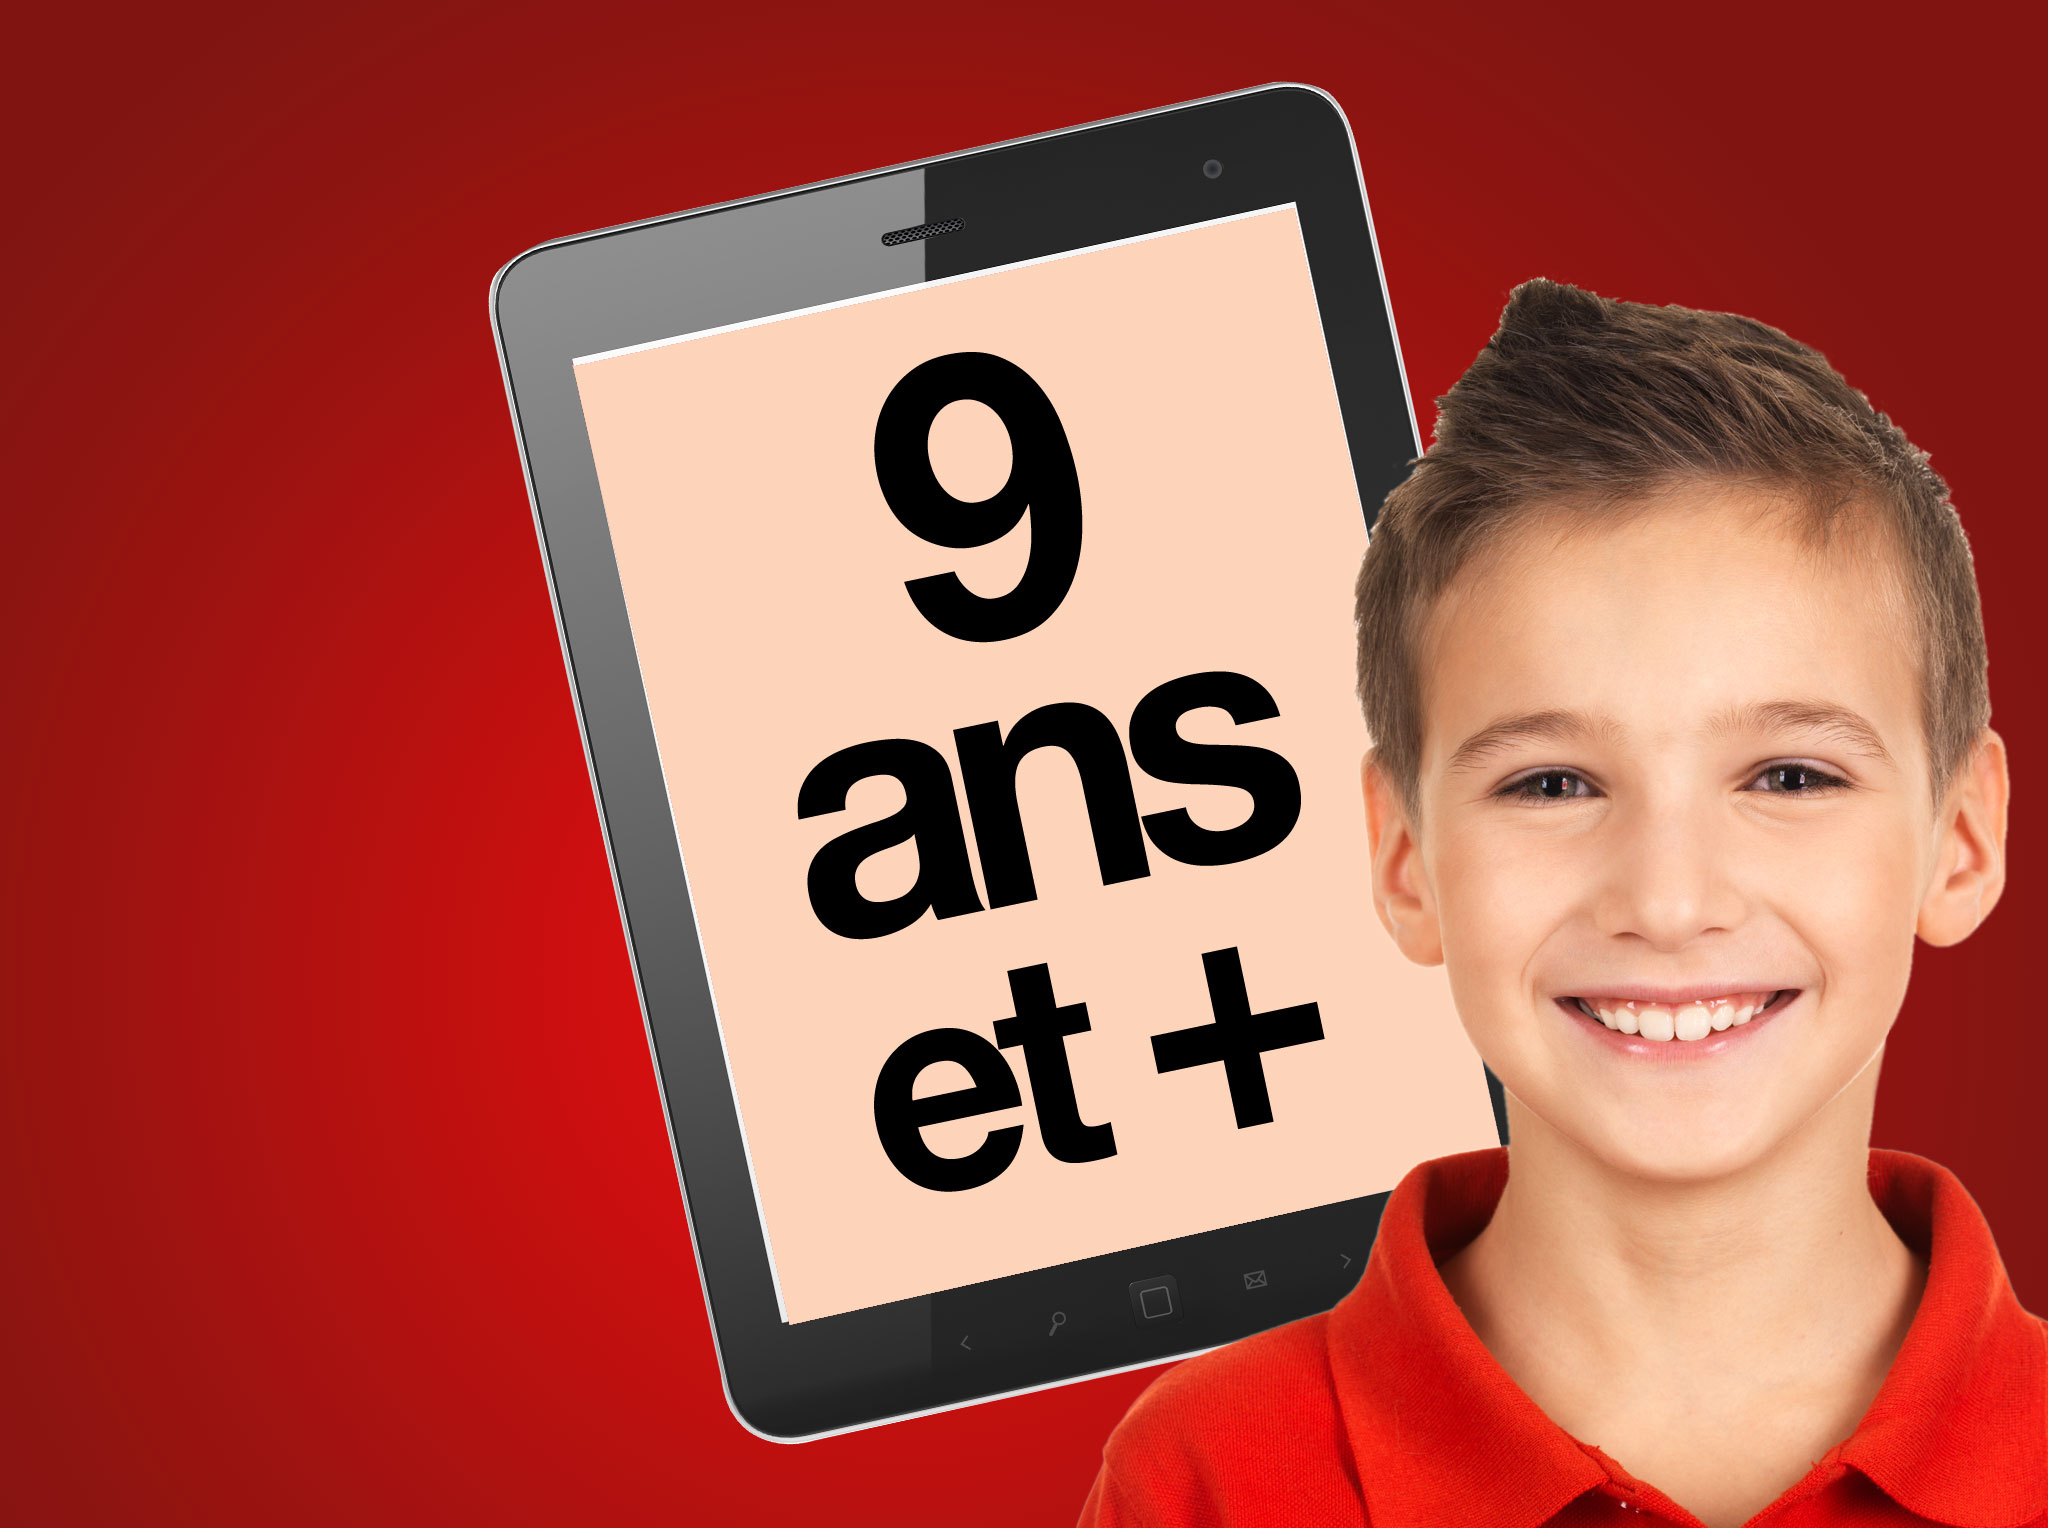 Jeux Sur Tablette: 64 Choix Pour Enfants | Protégez-Vous.ca avec Jeux Pour Fille De 10 Ans Gratuit